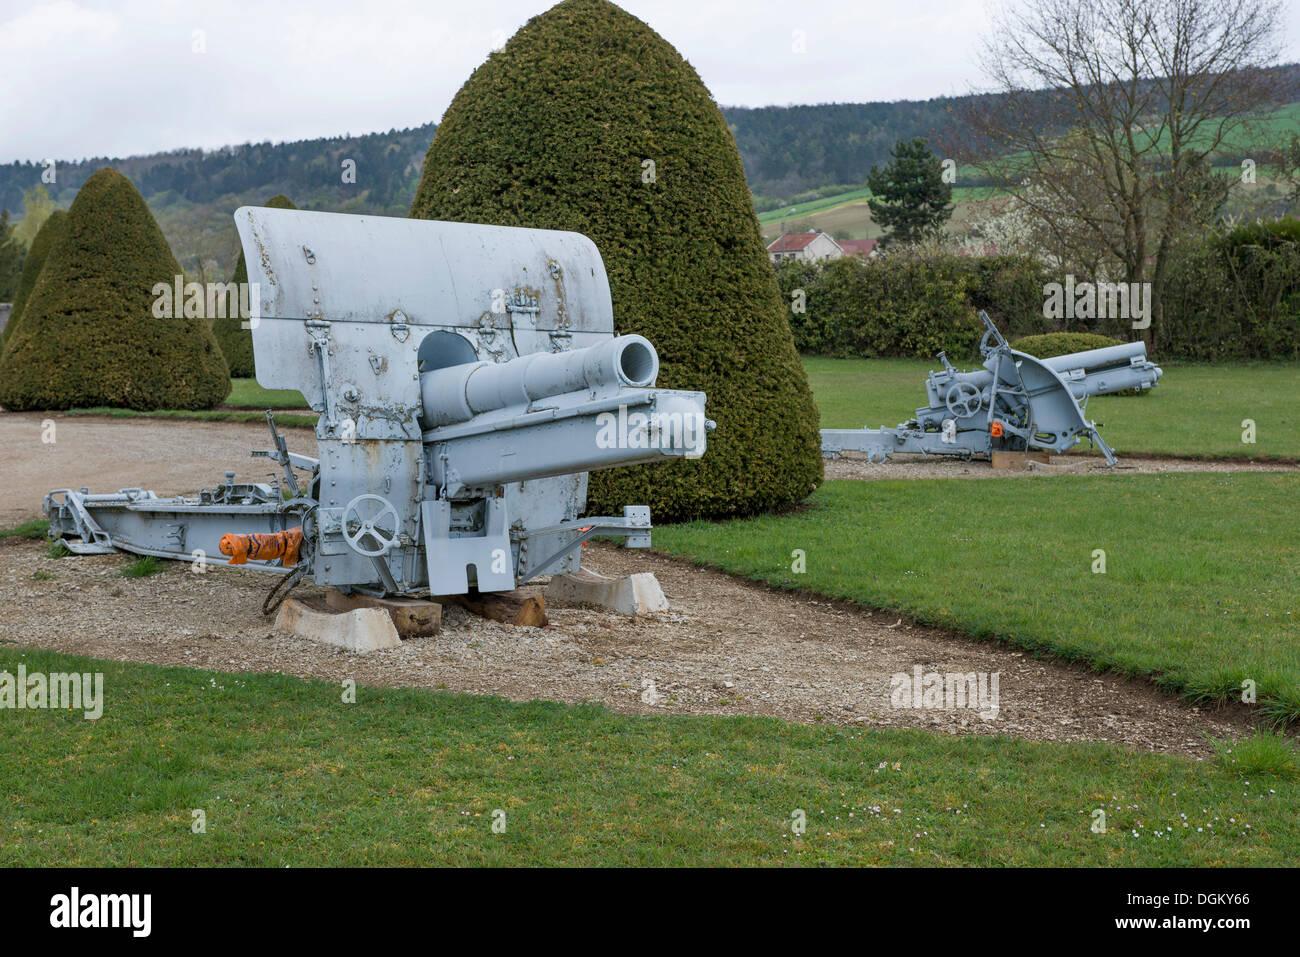 Cañón a un cementerio militar, batalla de Verdun, Primera Guerra Mundial, Verdún, Lorraine, Francia, Europa Imagen De Stock